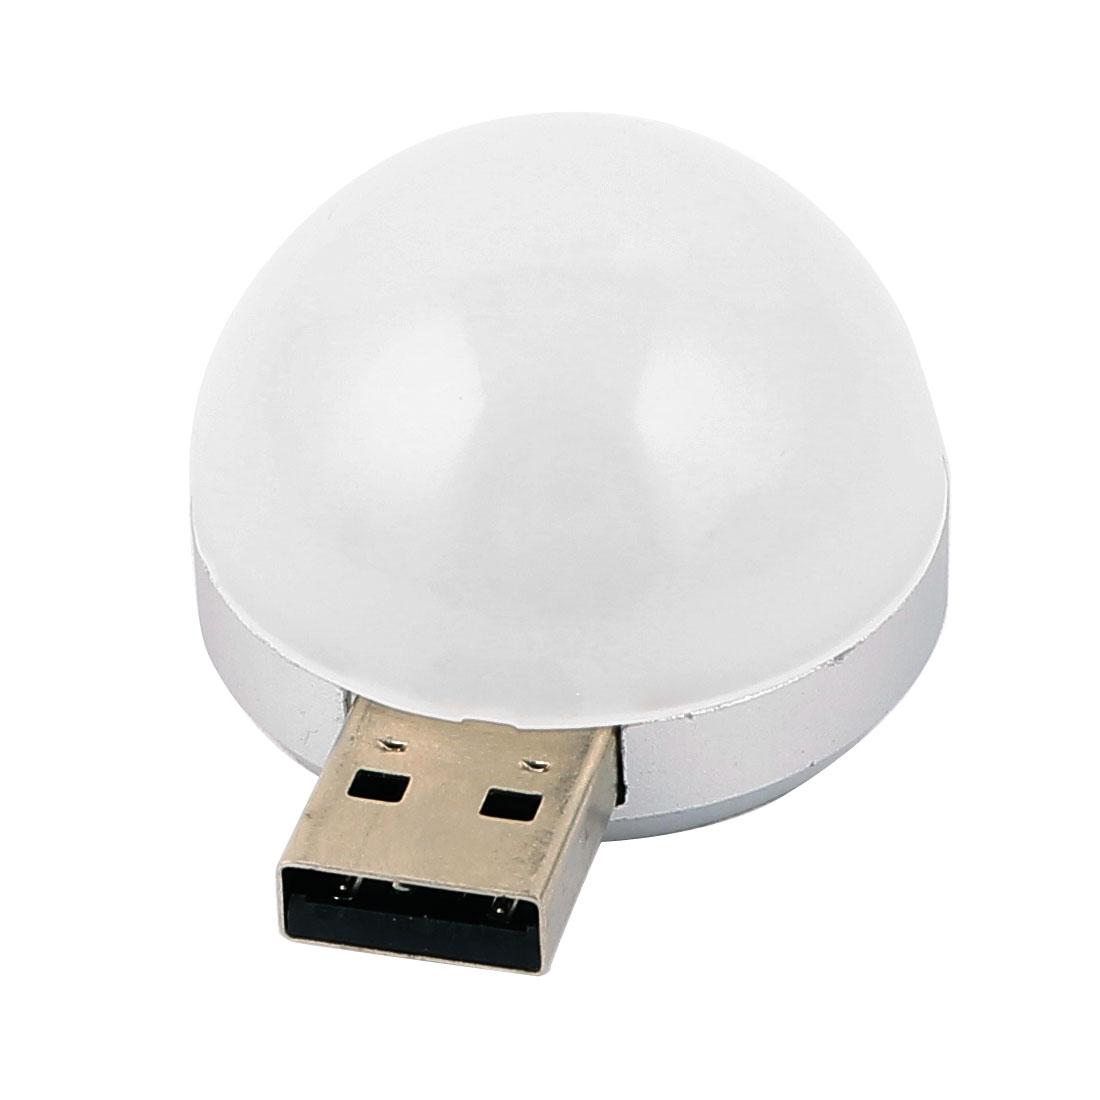 DC3-12V White LED USB Night Lamp Holder Flashlight Mobile Power for Bedside Camping